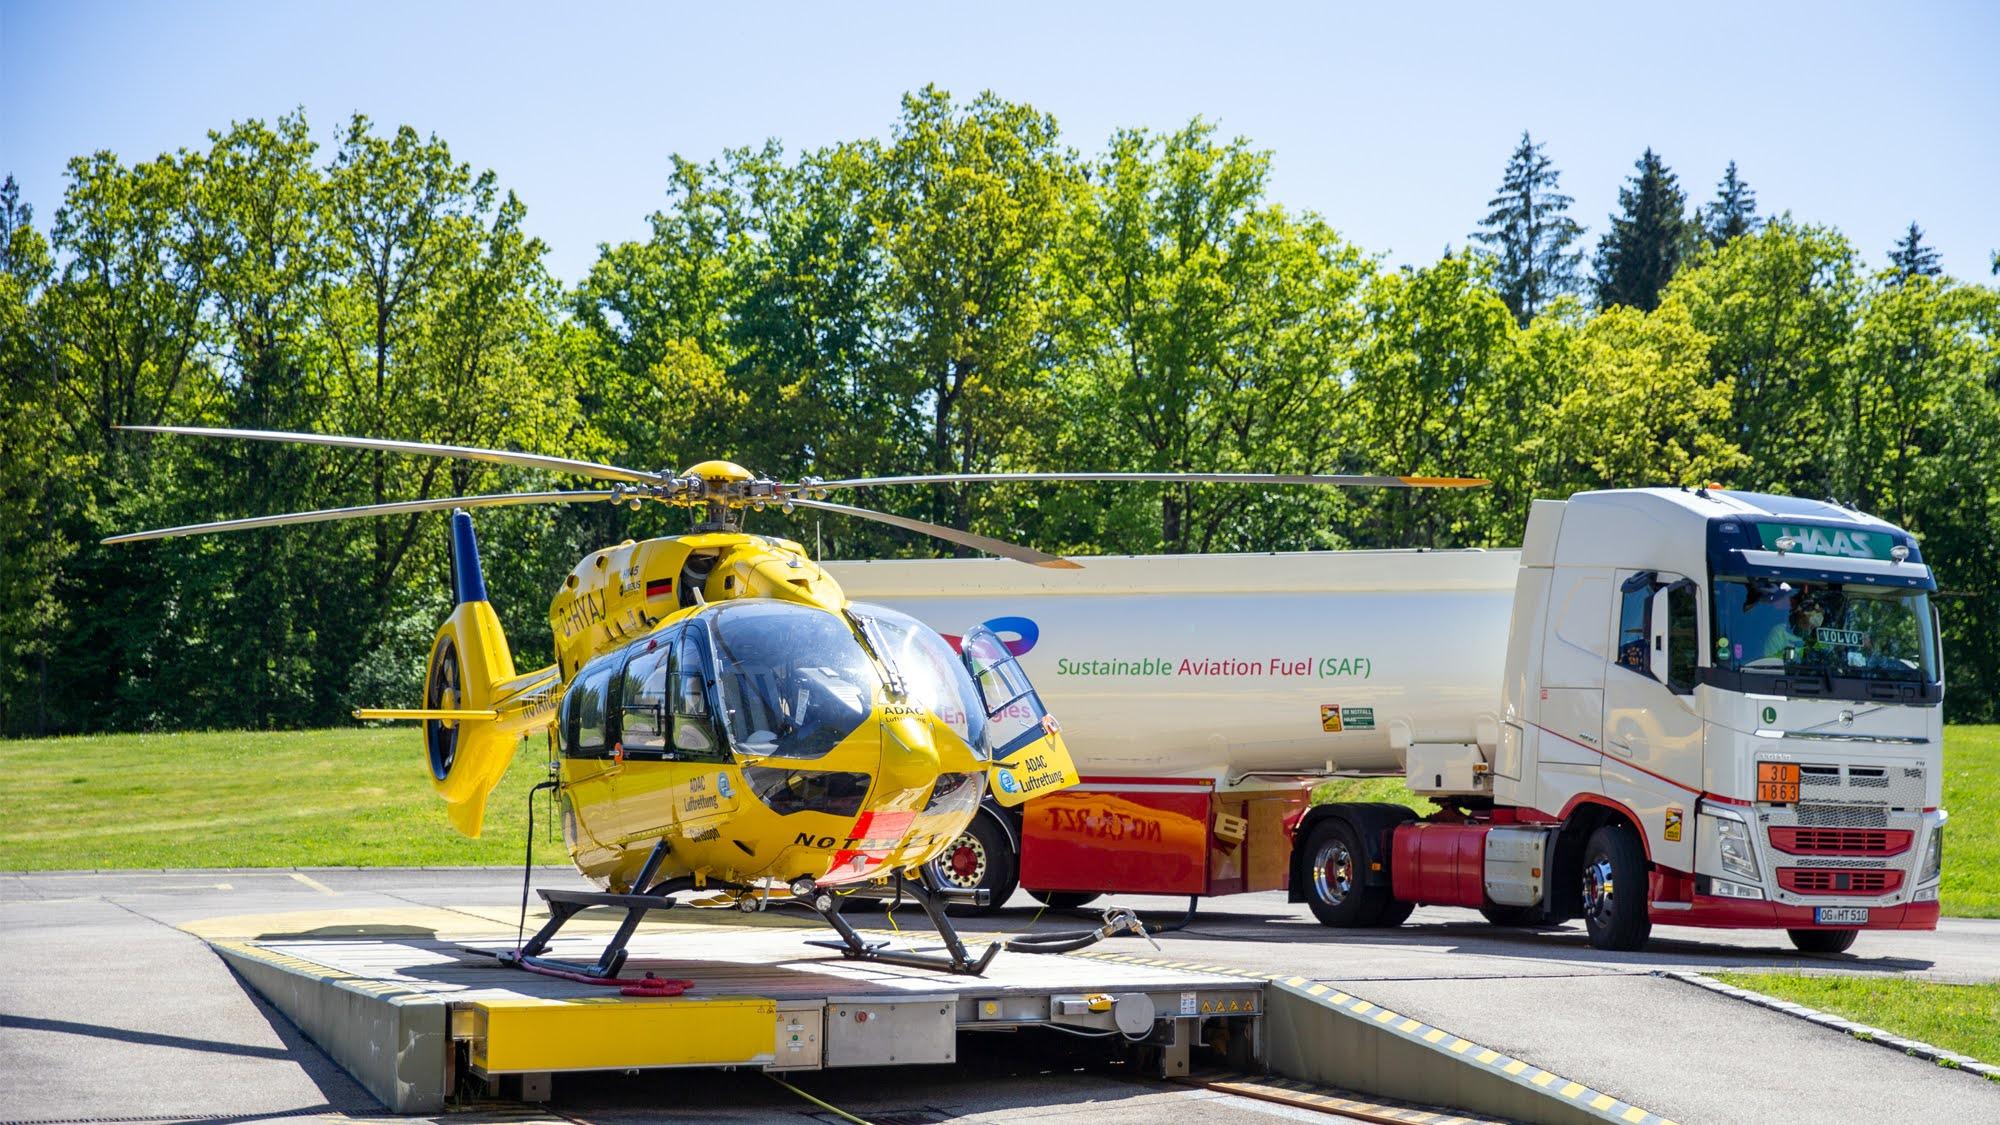 Rettungshubschrauber fliegt mit Kerosin aus Abfall